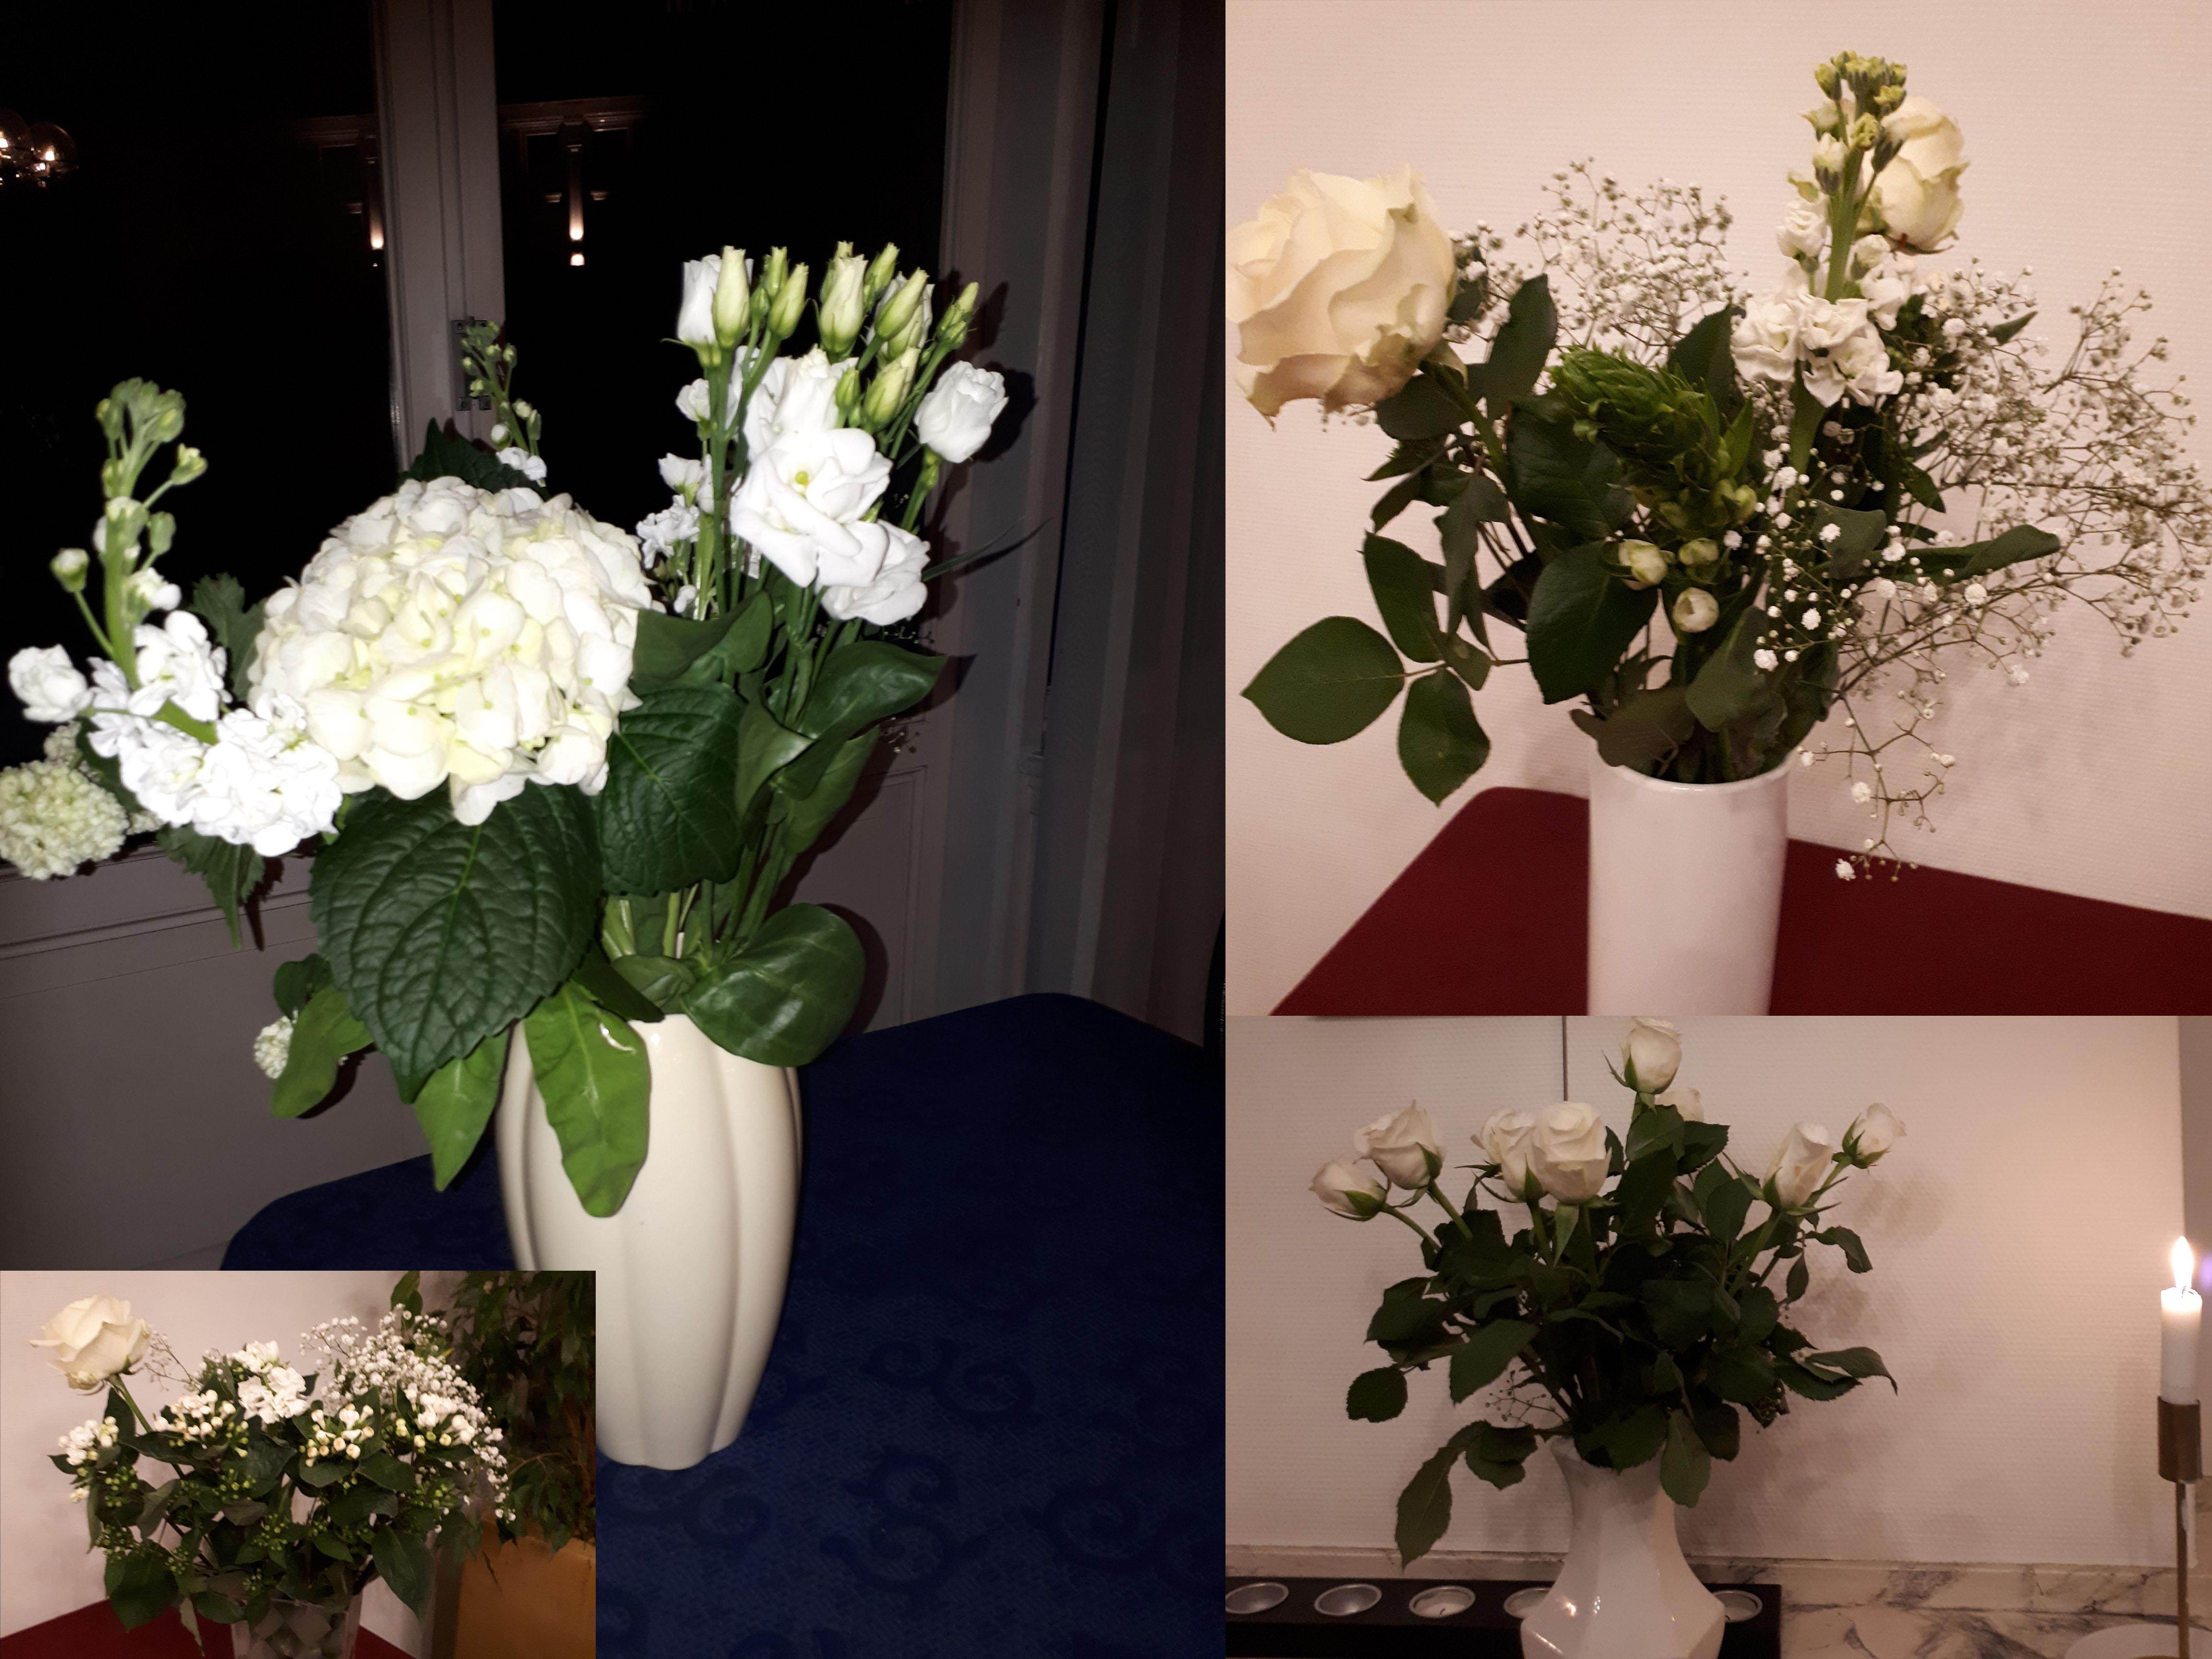 Loge Den Haag van de TVN, Witte Lotusdag